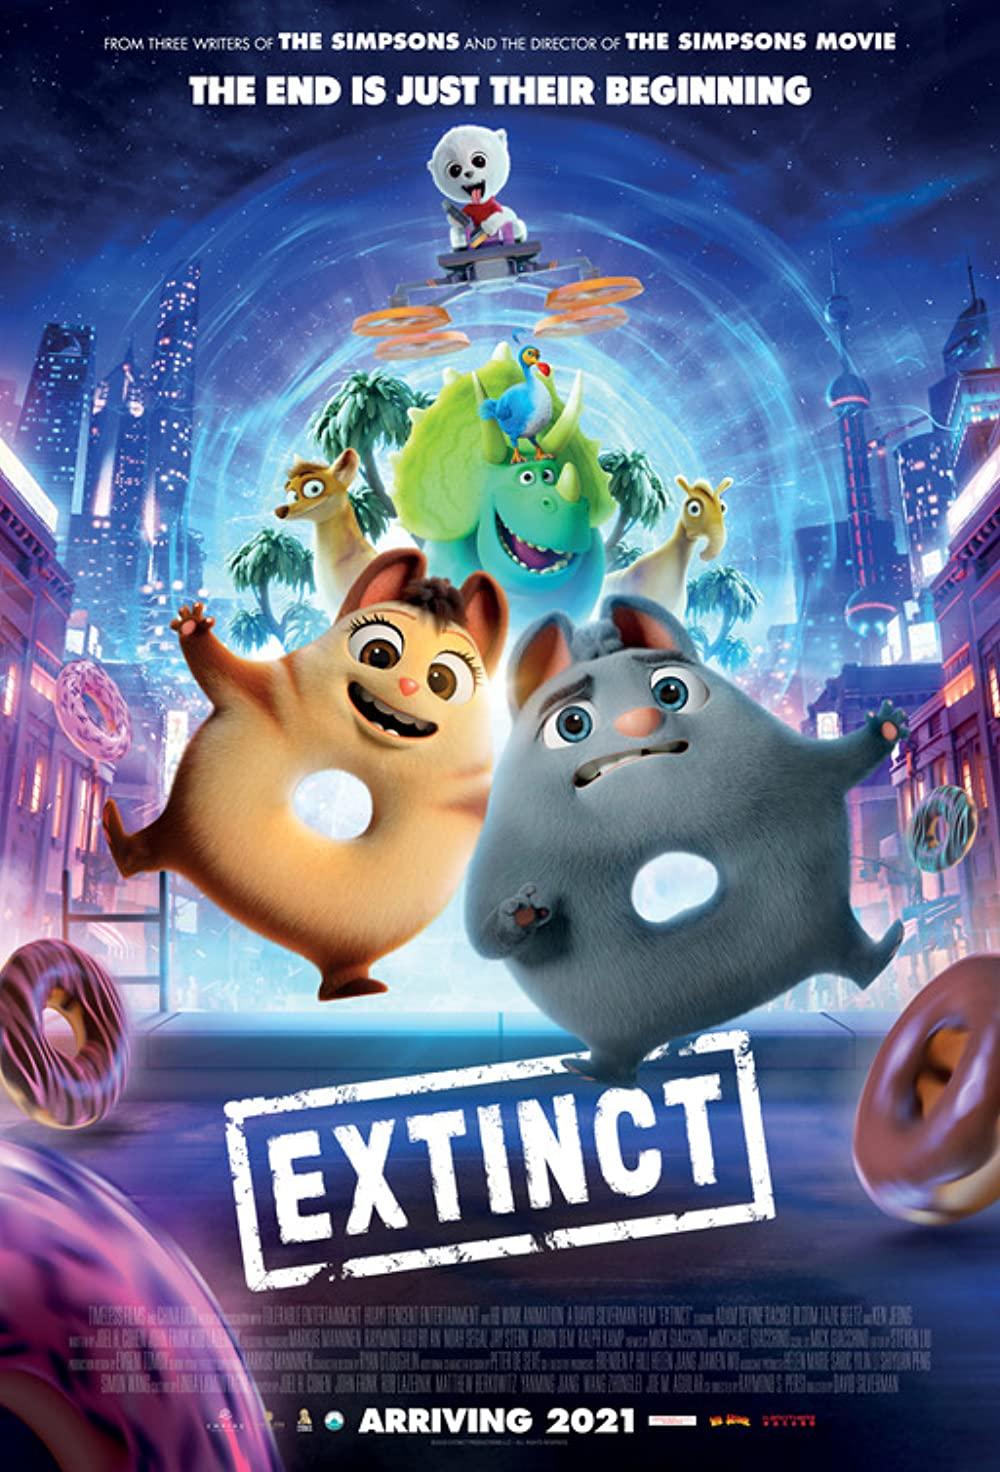 http://exposedsub.ir/دانلود-انیمیشن-کمدی-Extinct-2021.html